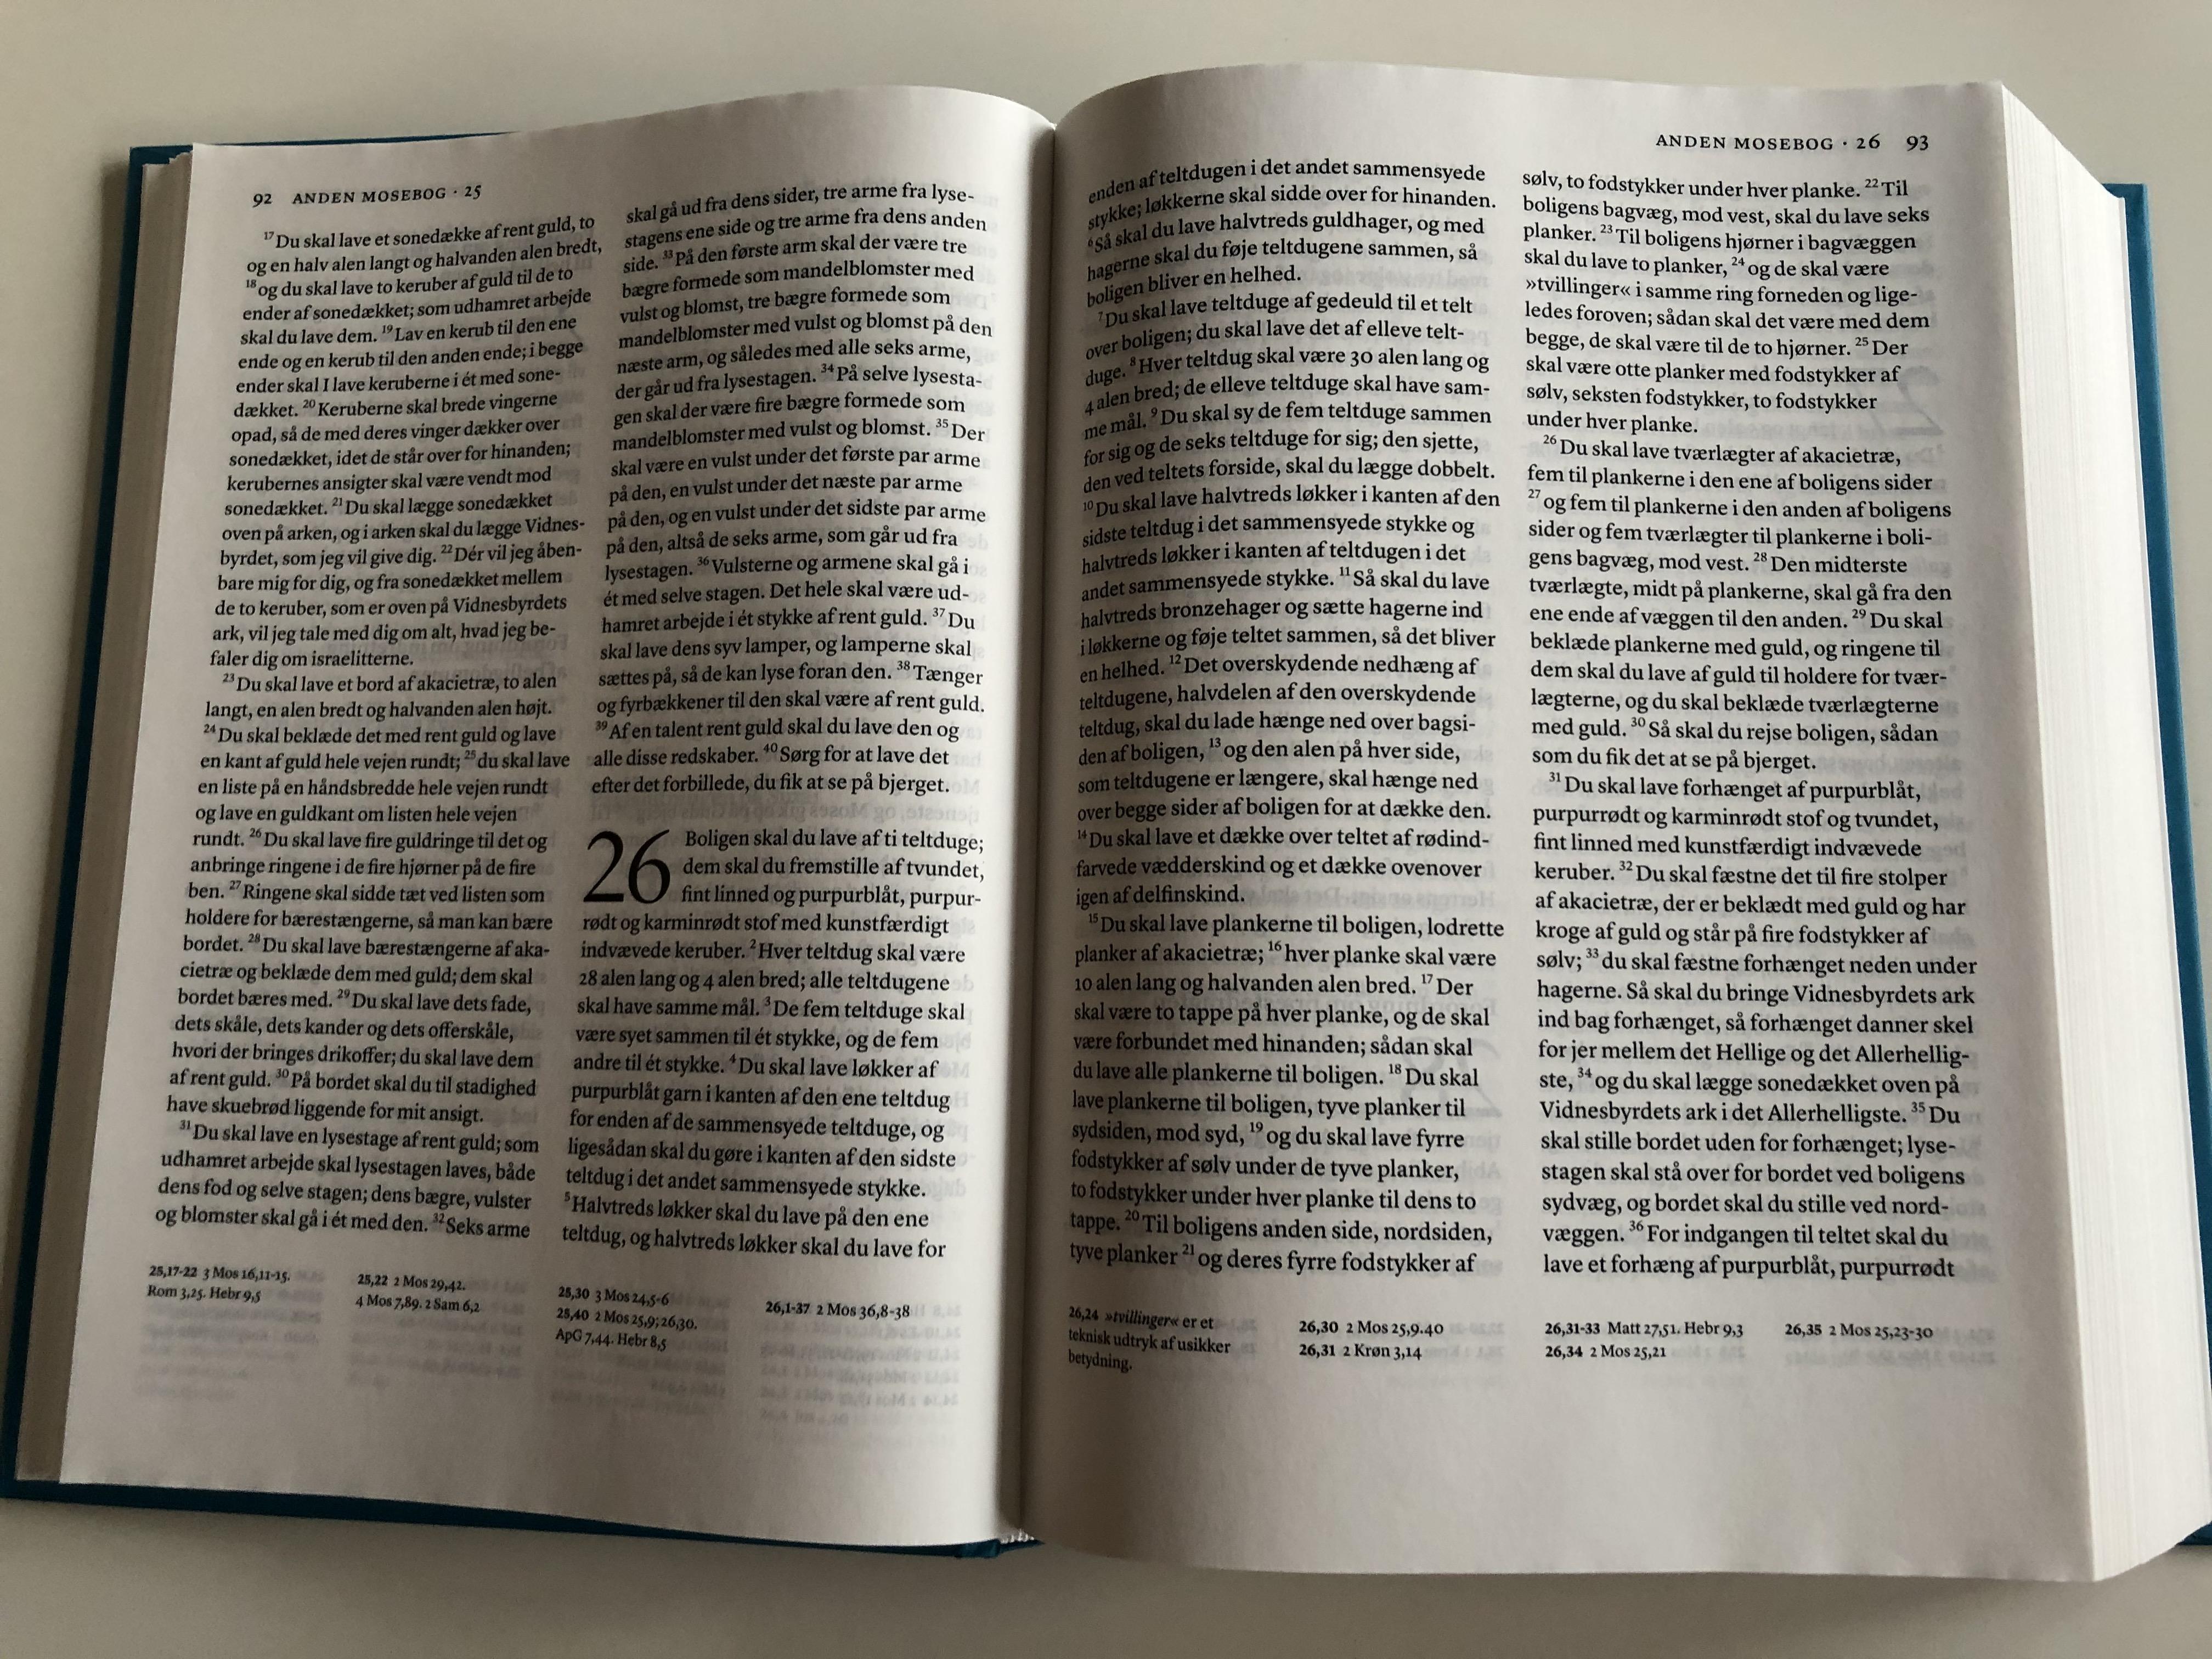 bibelen-danish-holy-bible-den-hellige-skrifts-kanoniske-boger-9.jpg